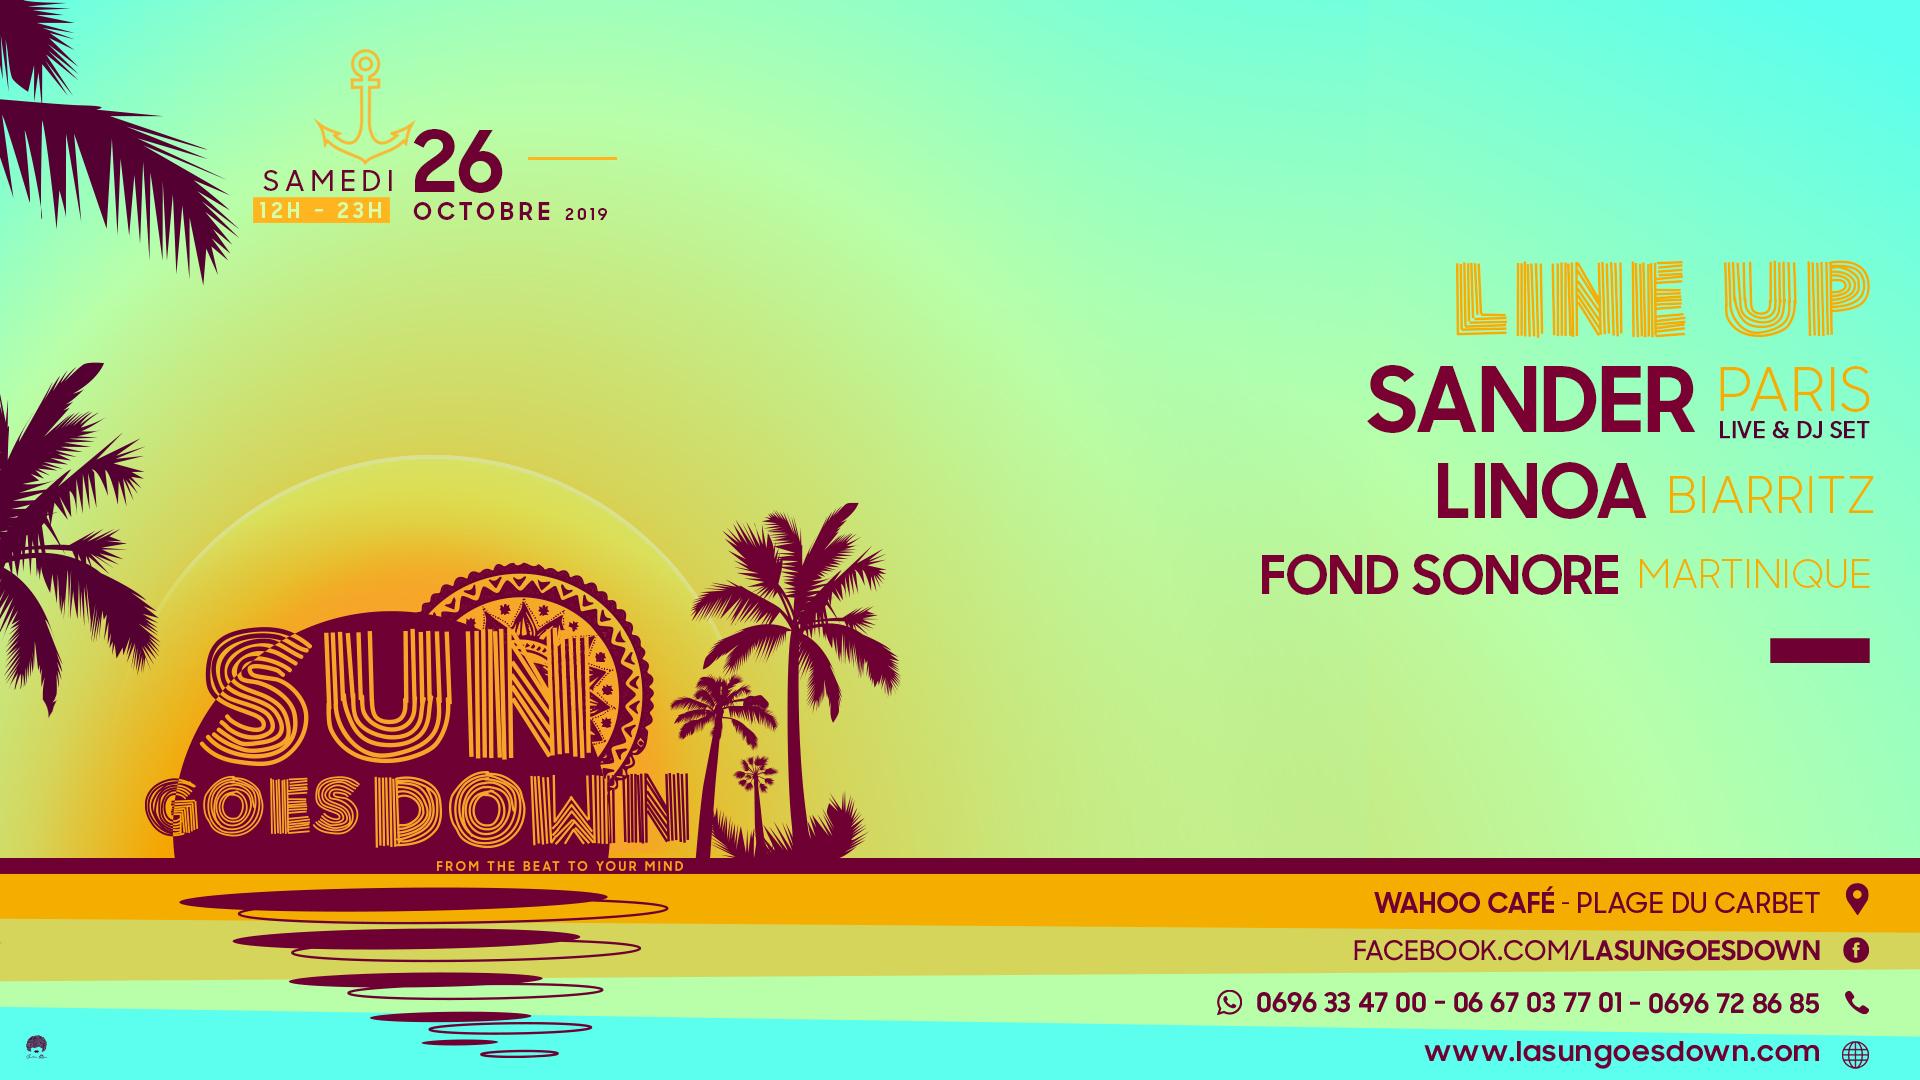 LA SUN GOES DOWN - SANDER (live) / LINOA / FONDSONORE